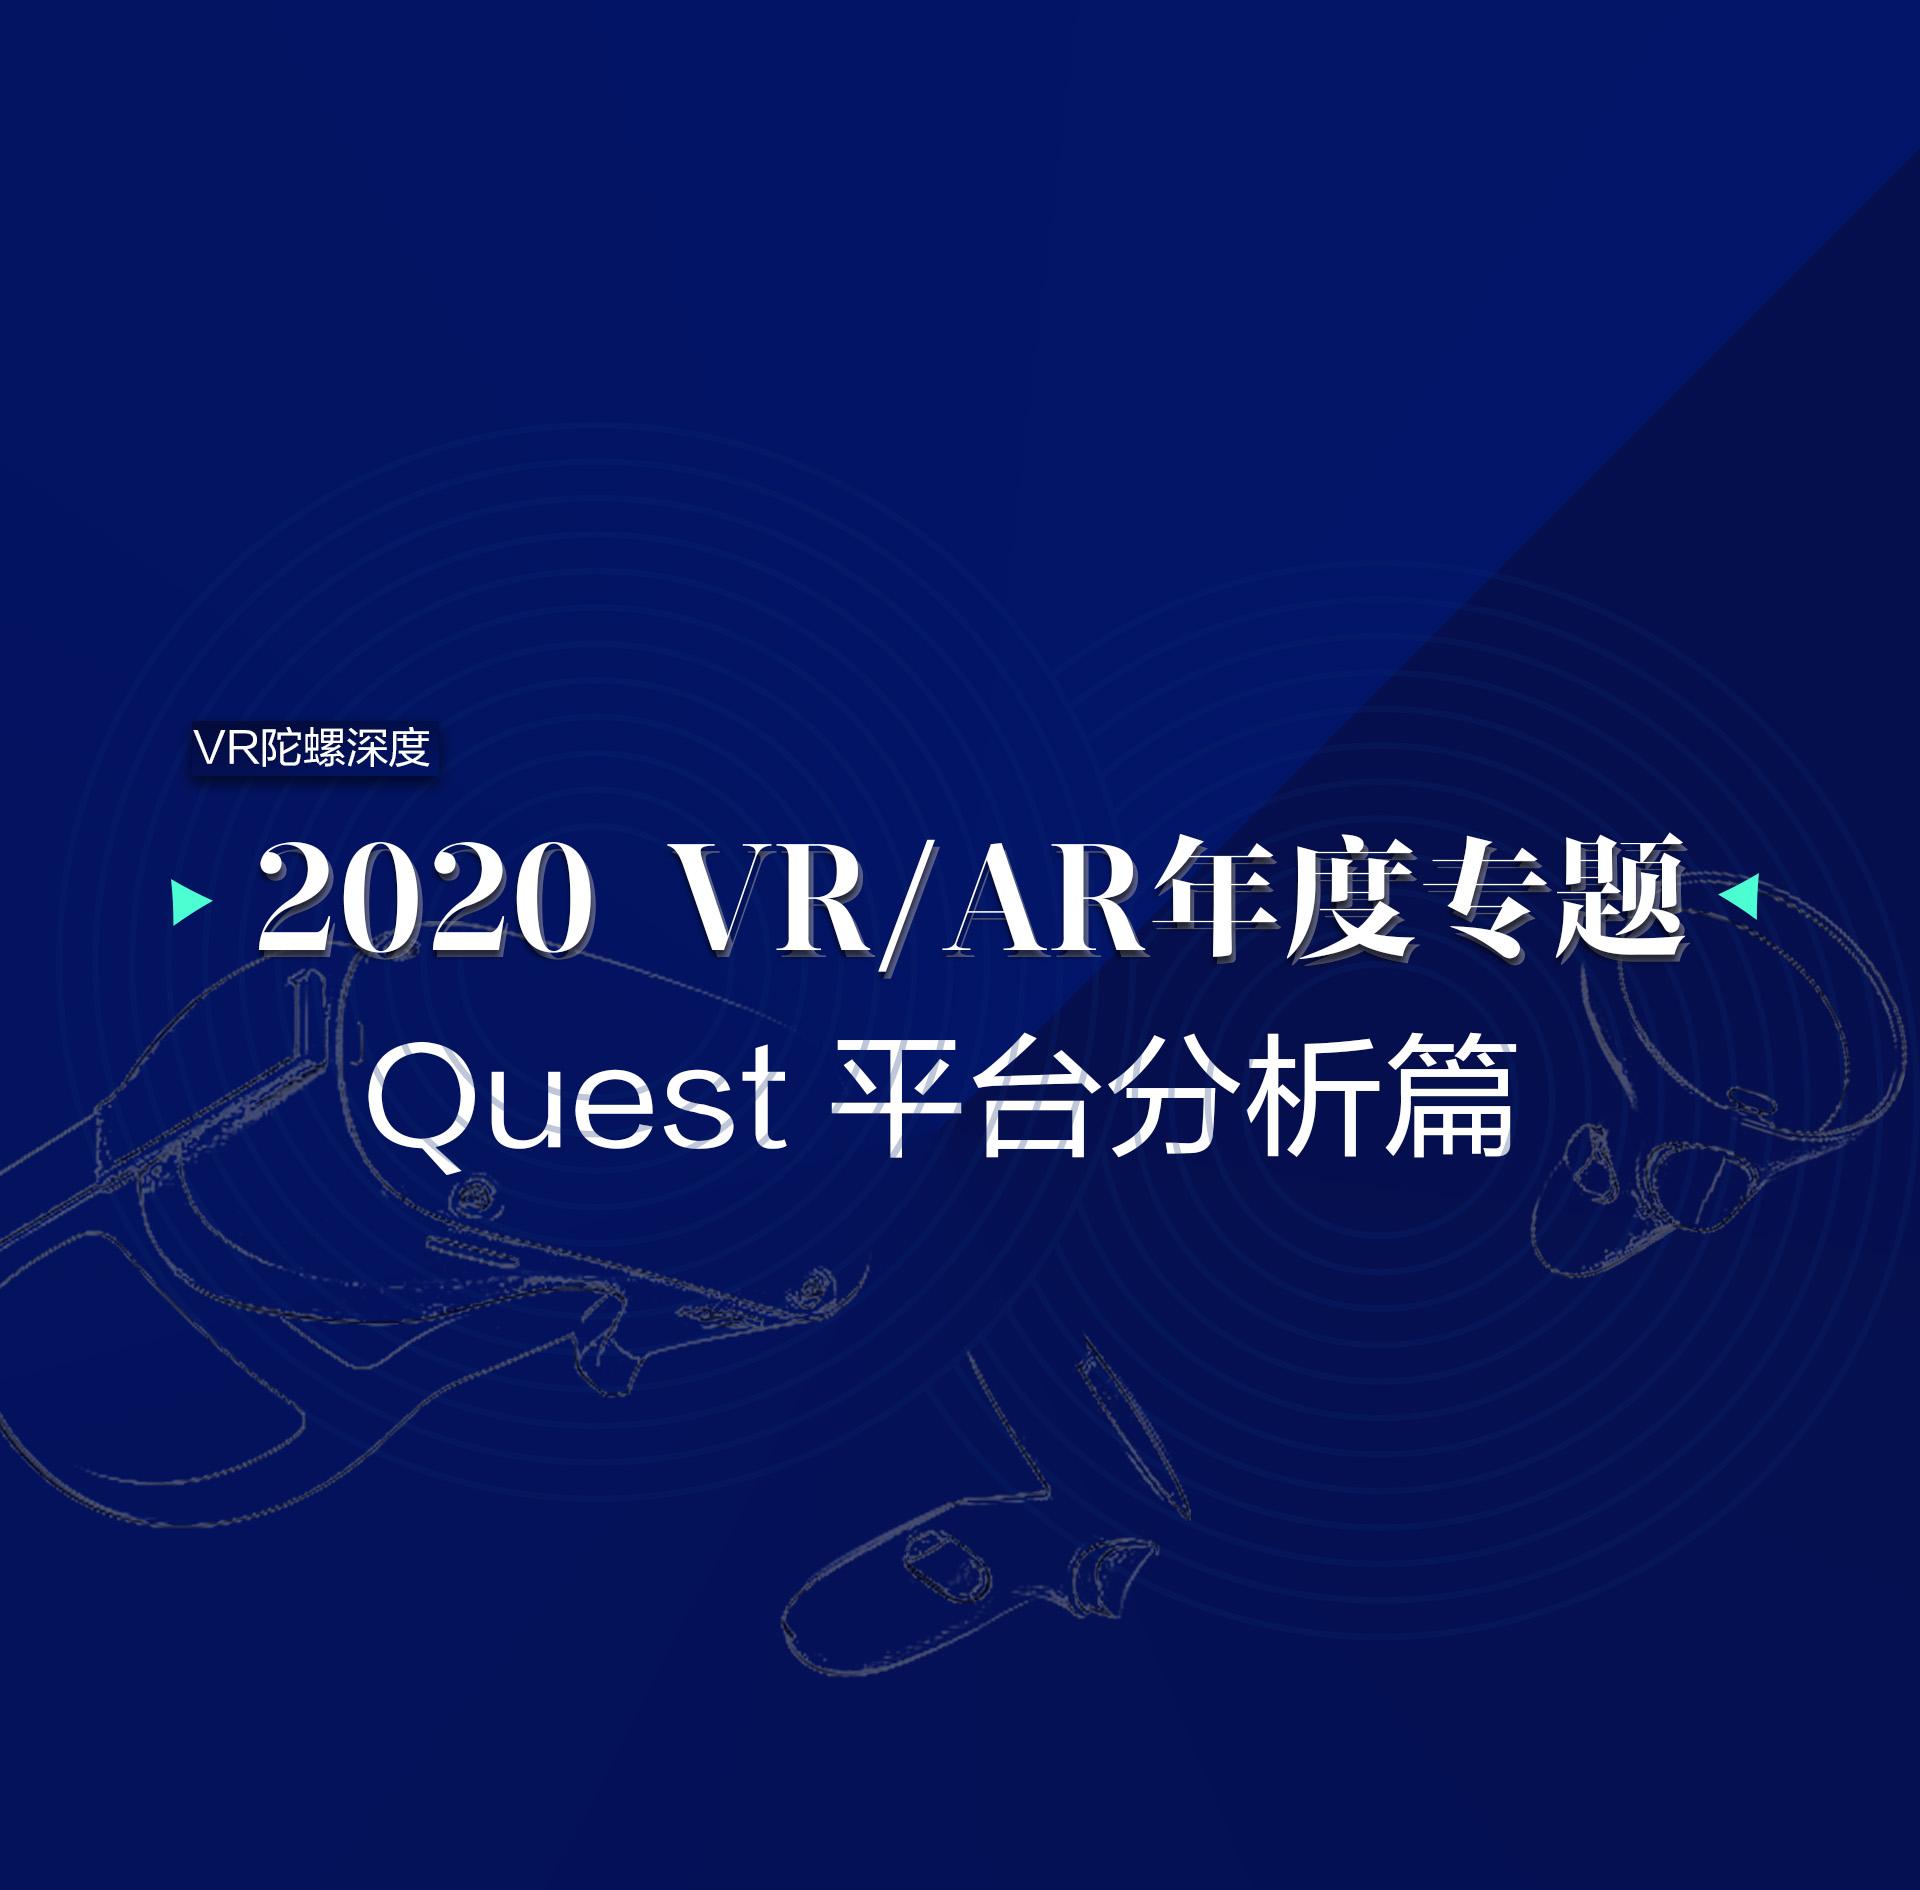 【年度专题】Oculus Quest全平台VR内容深度分析